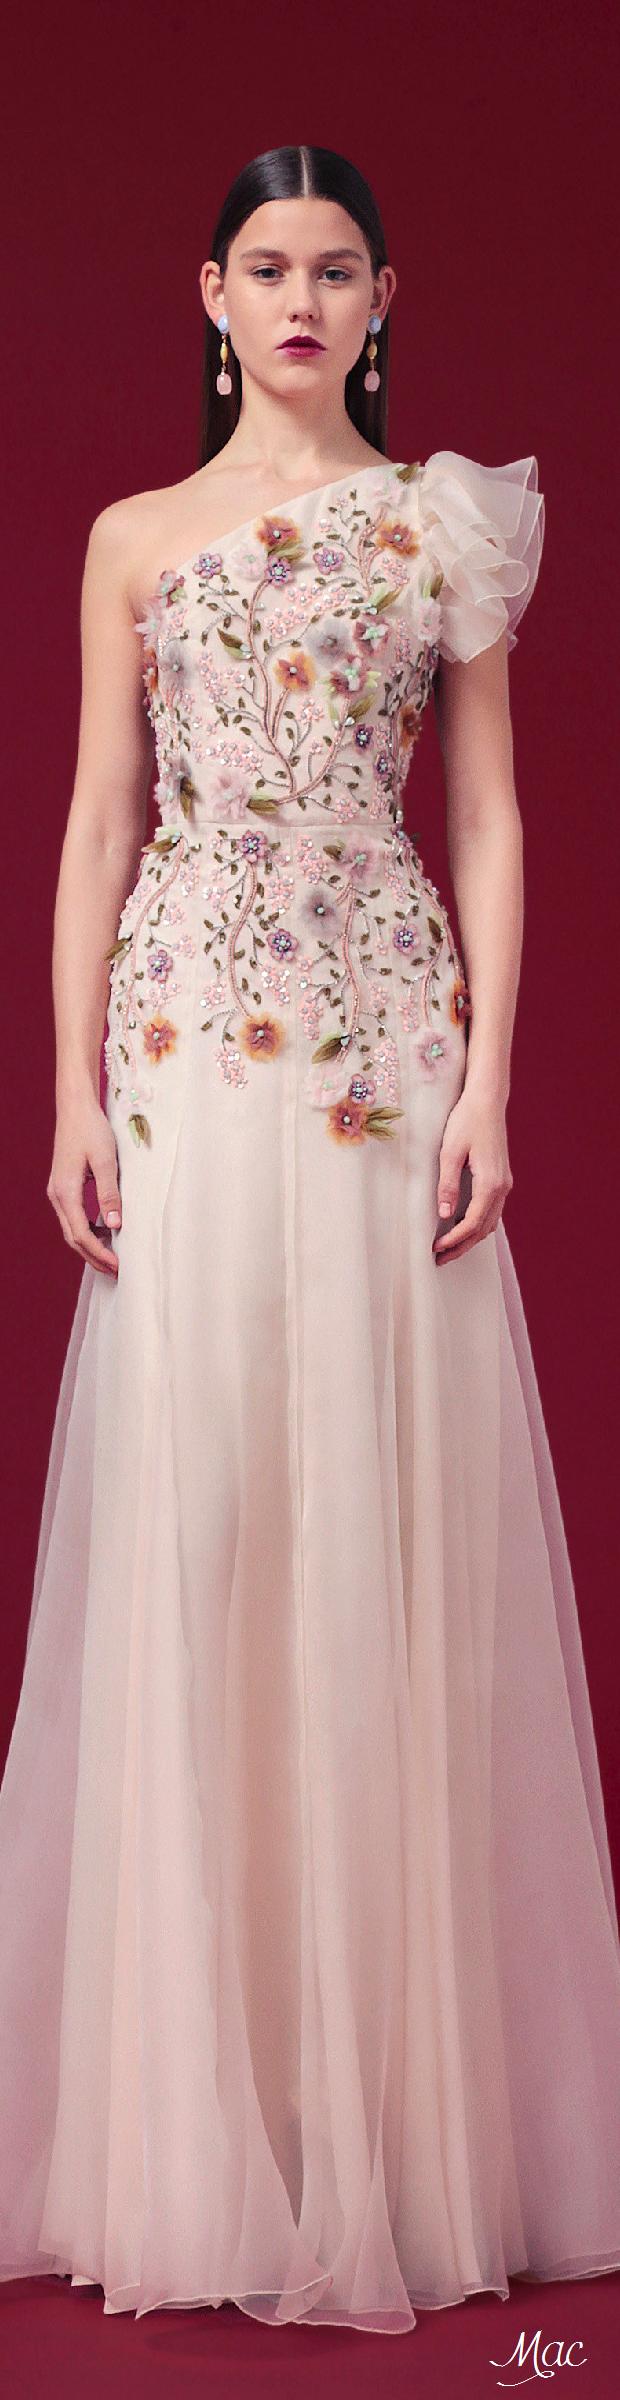 Excelente Reem Acra Precio De Vestido De Novia Ornamento - Colección ...